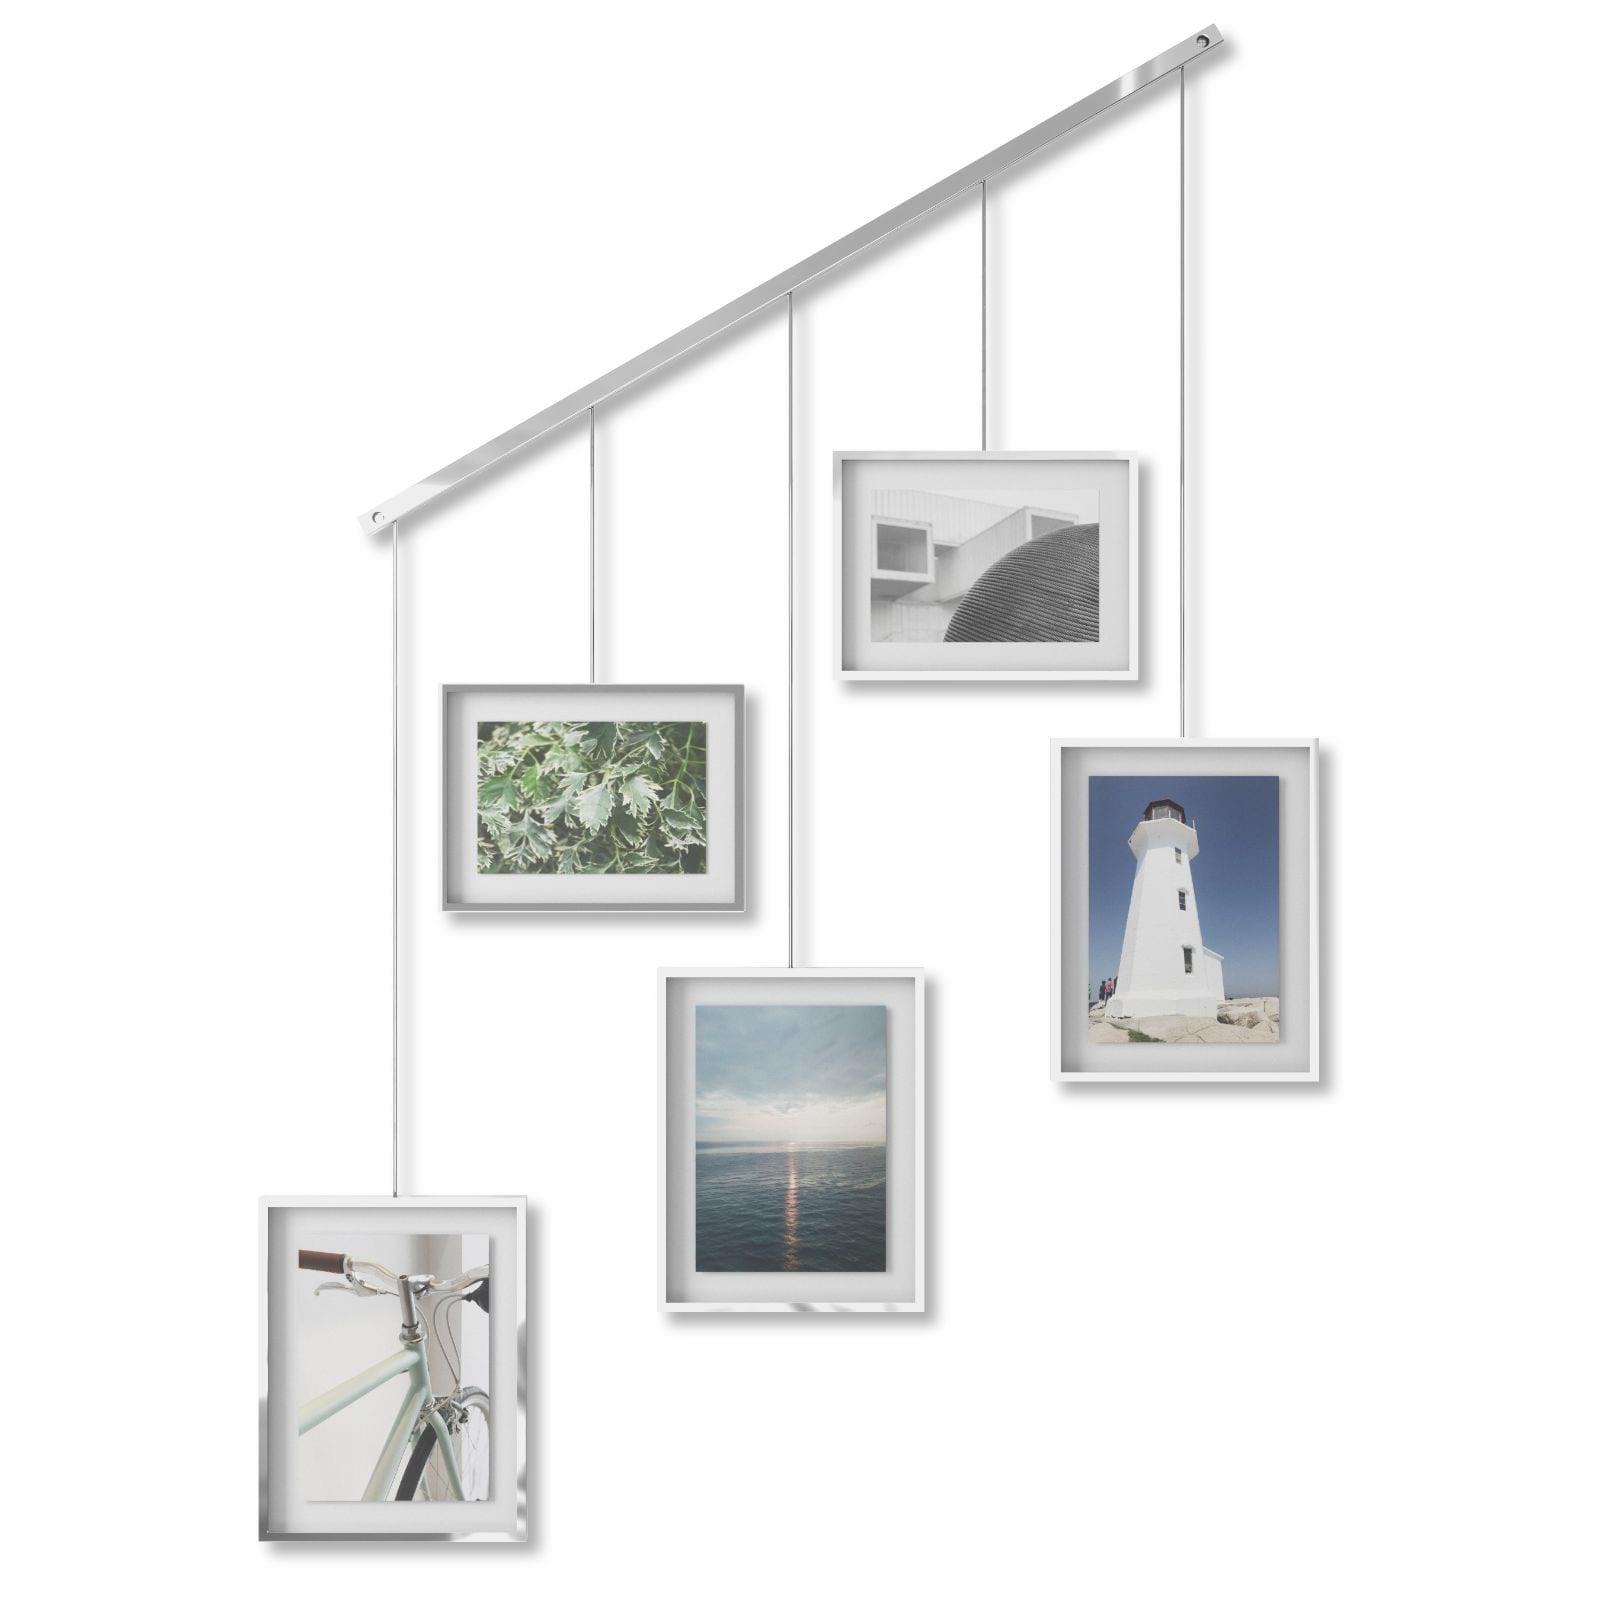 Εxhibit Multi Wall Photo Display (Chrome) - Umbra